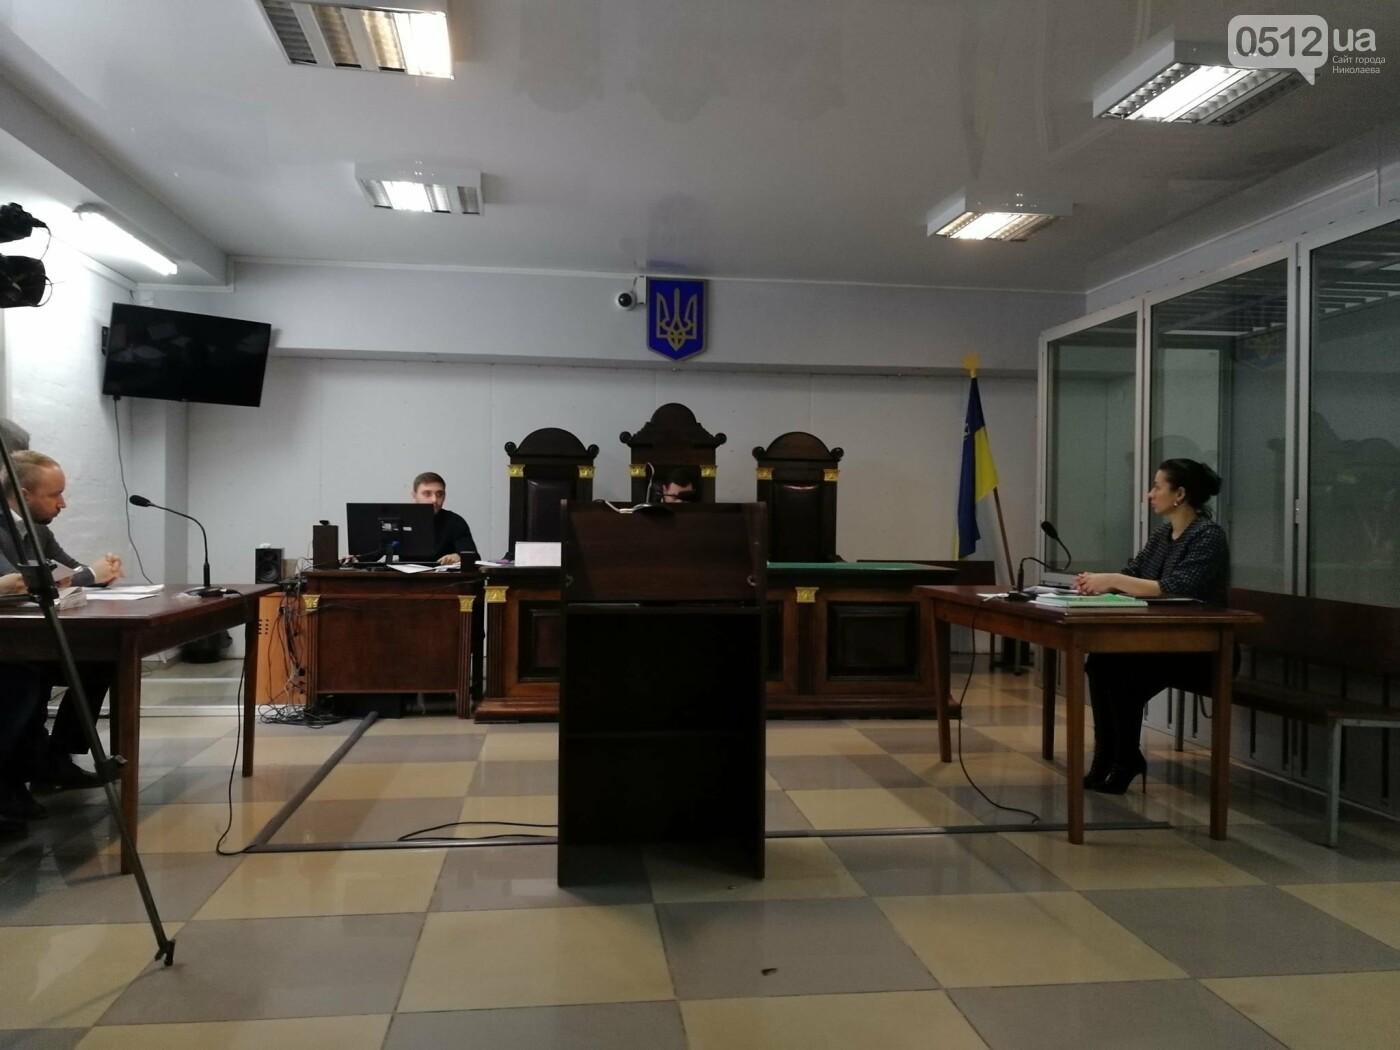 Подозреваемый в смертельном ДТП Лобанов не явился в суд: заседание перенесли, фото-4